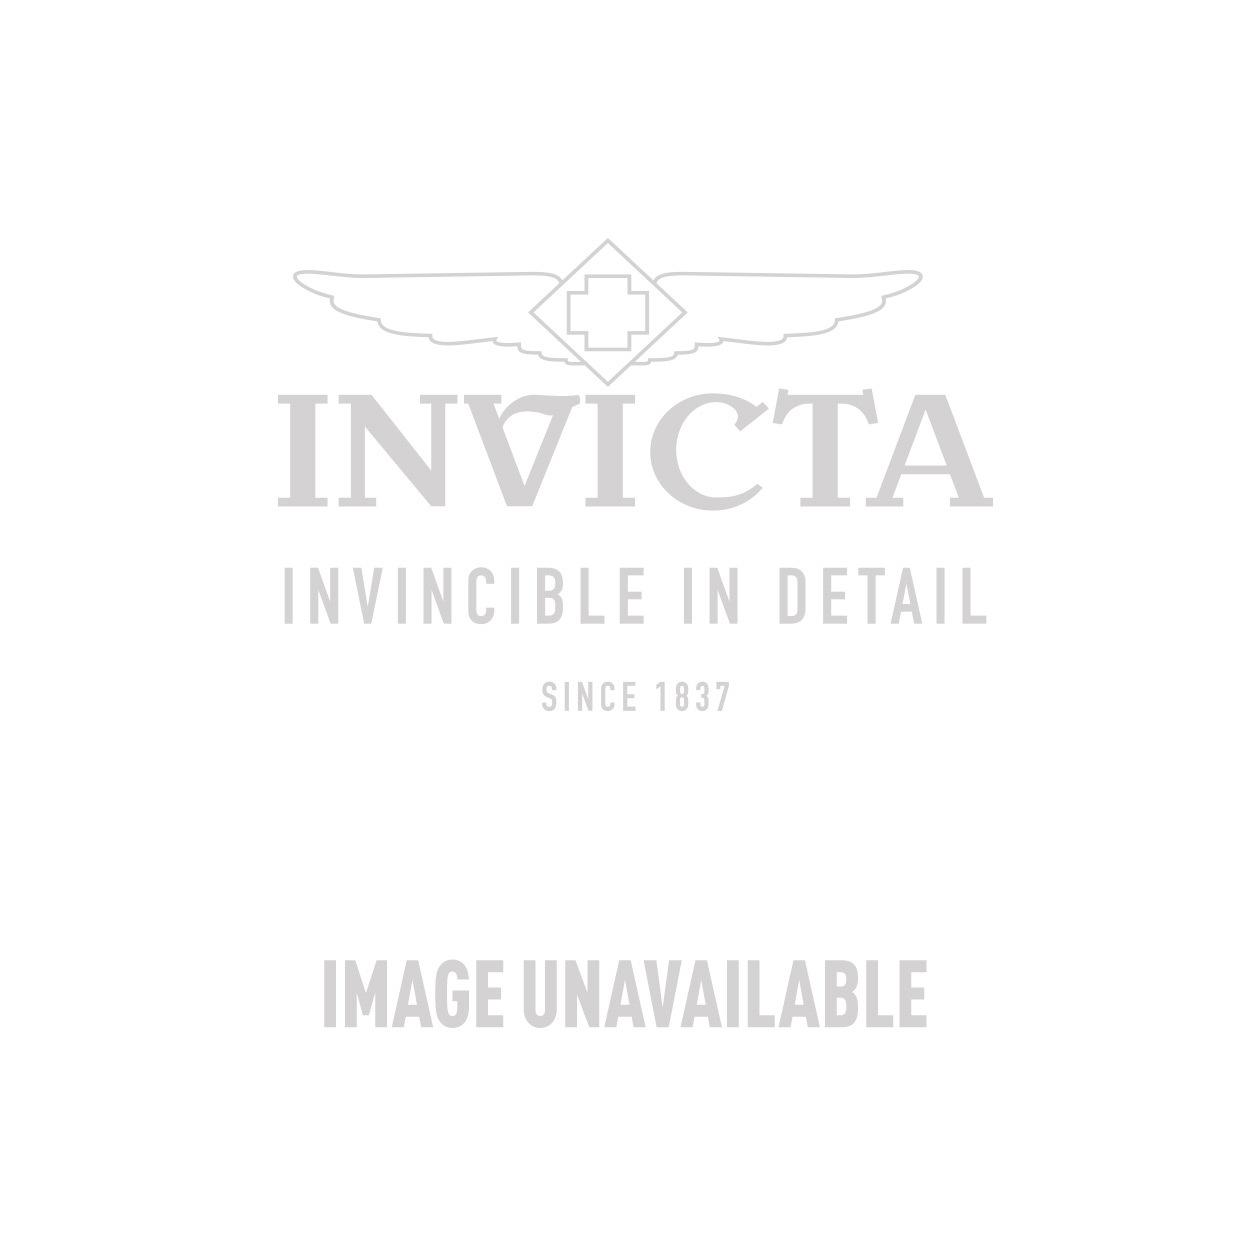 Invicta Model 25810